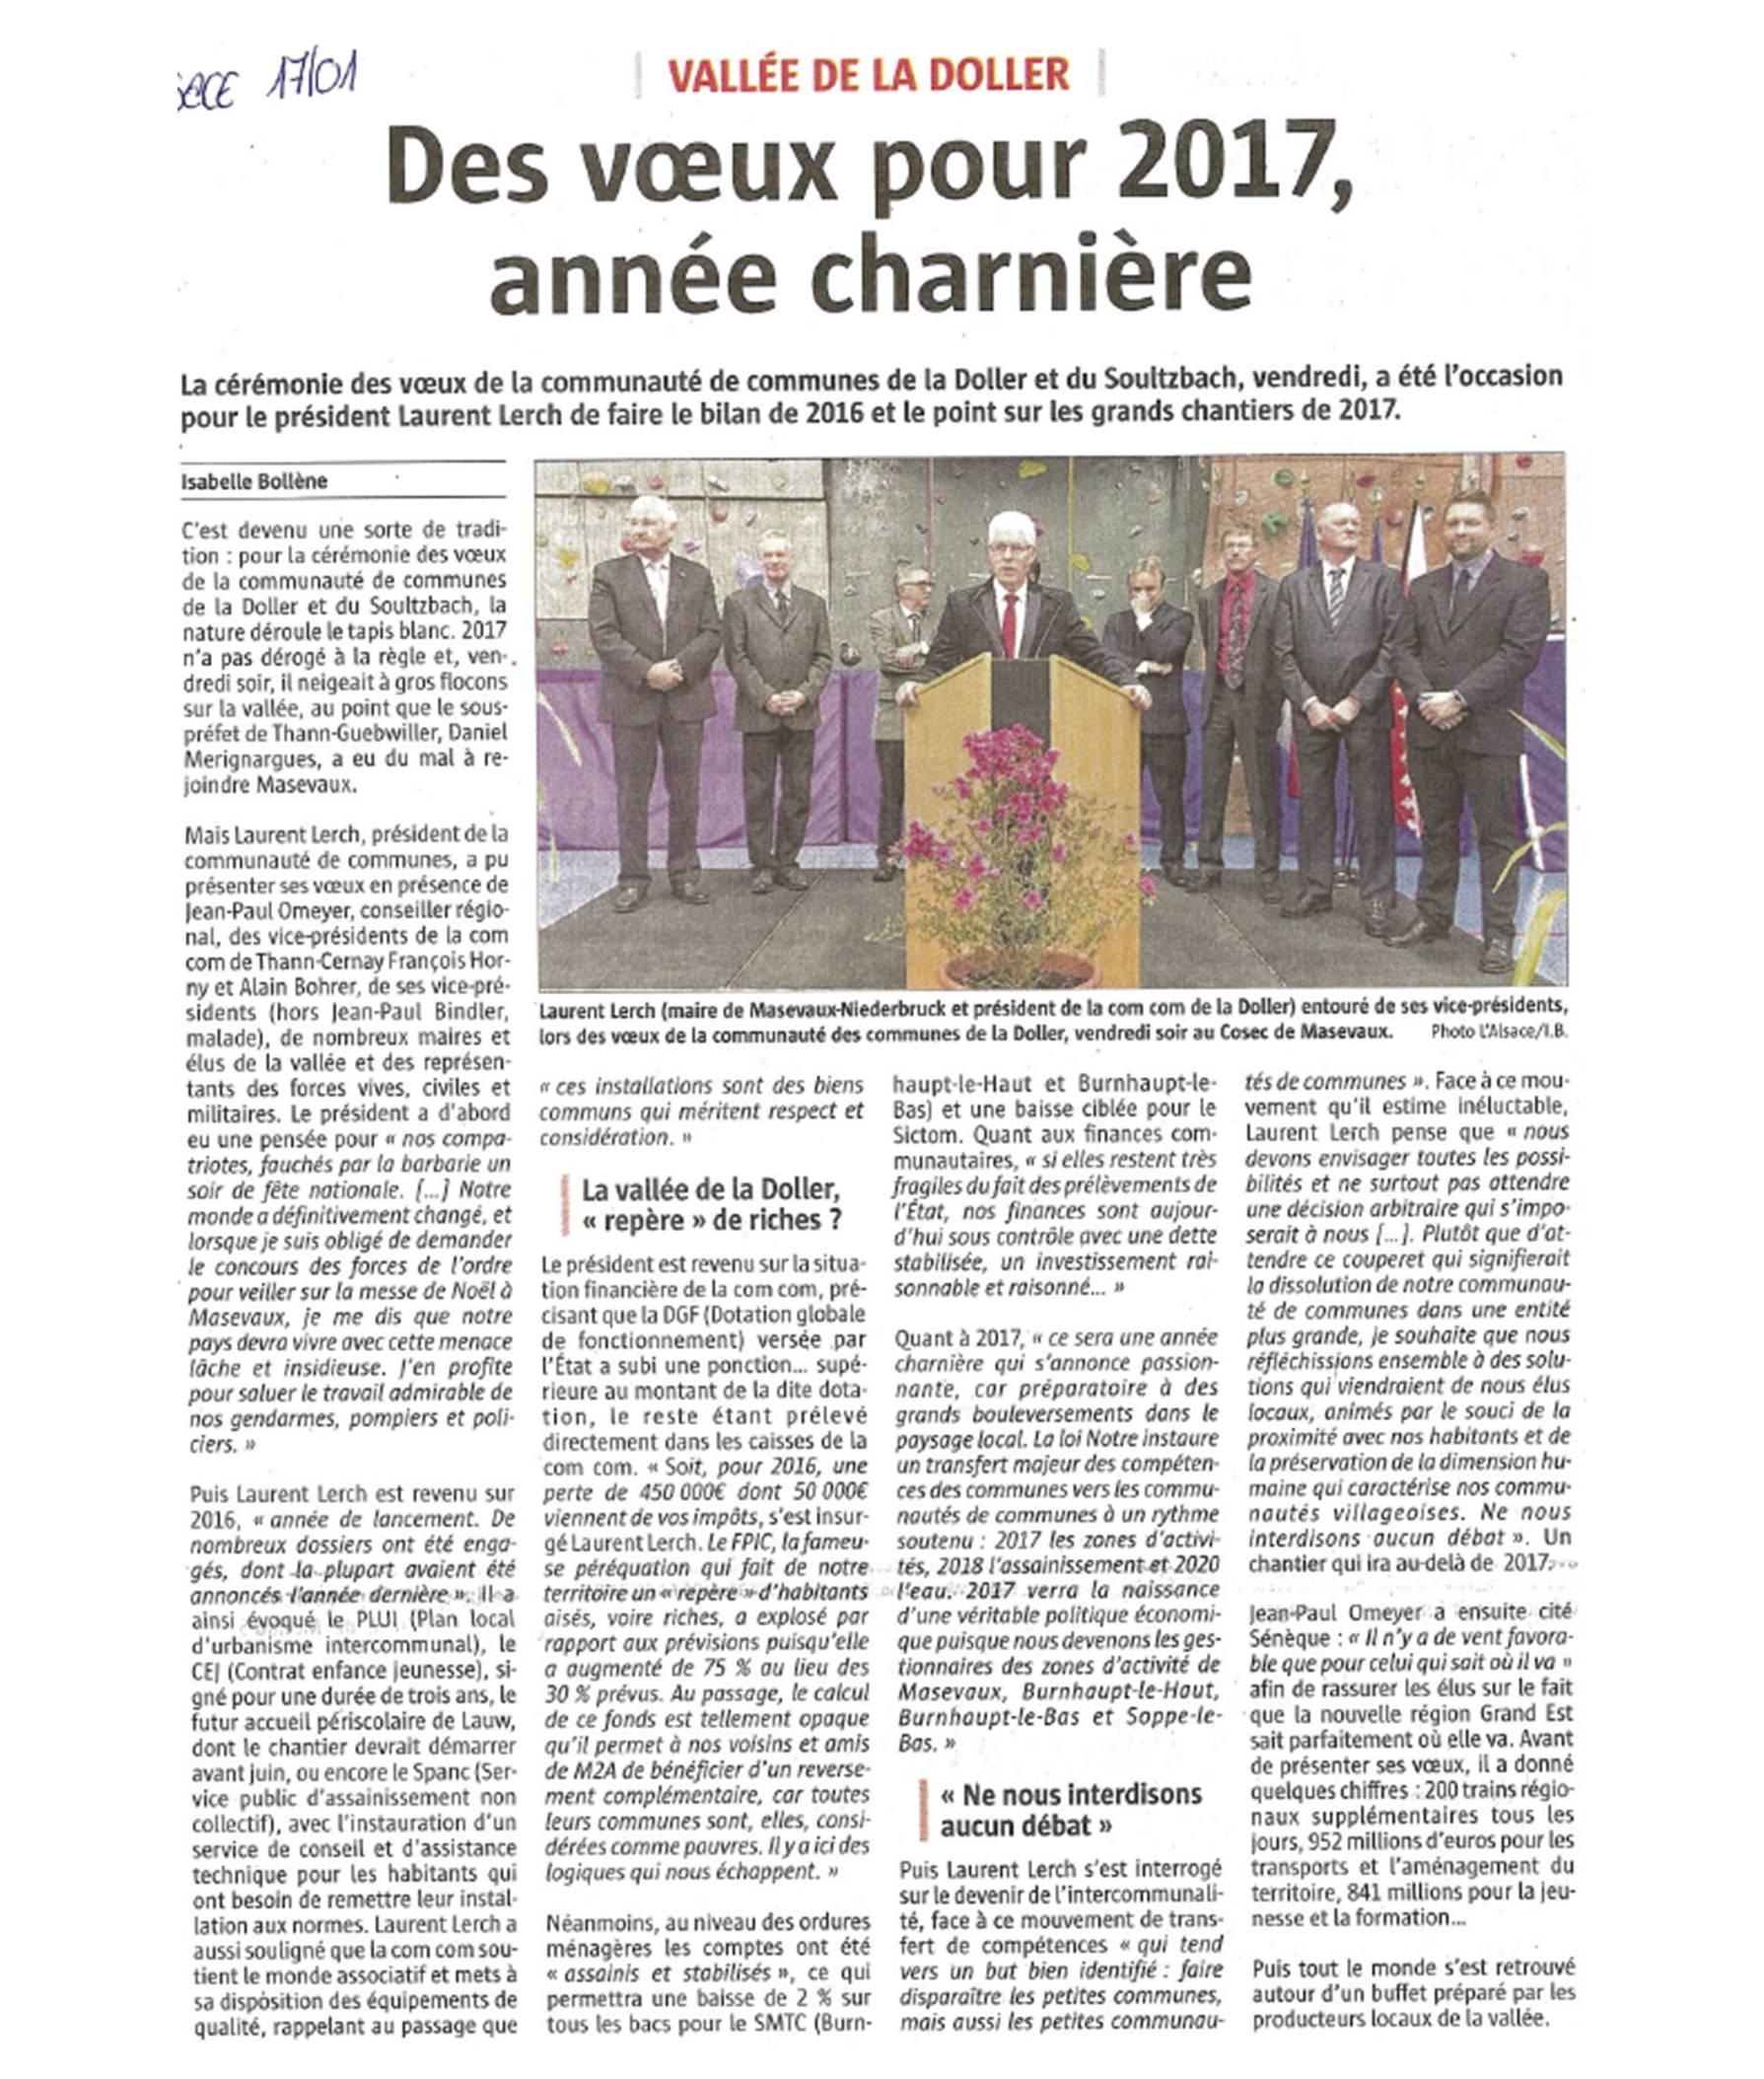 Des voeux pour 2017, année charnière - L'Alsace (17-01-2017)